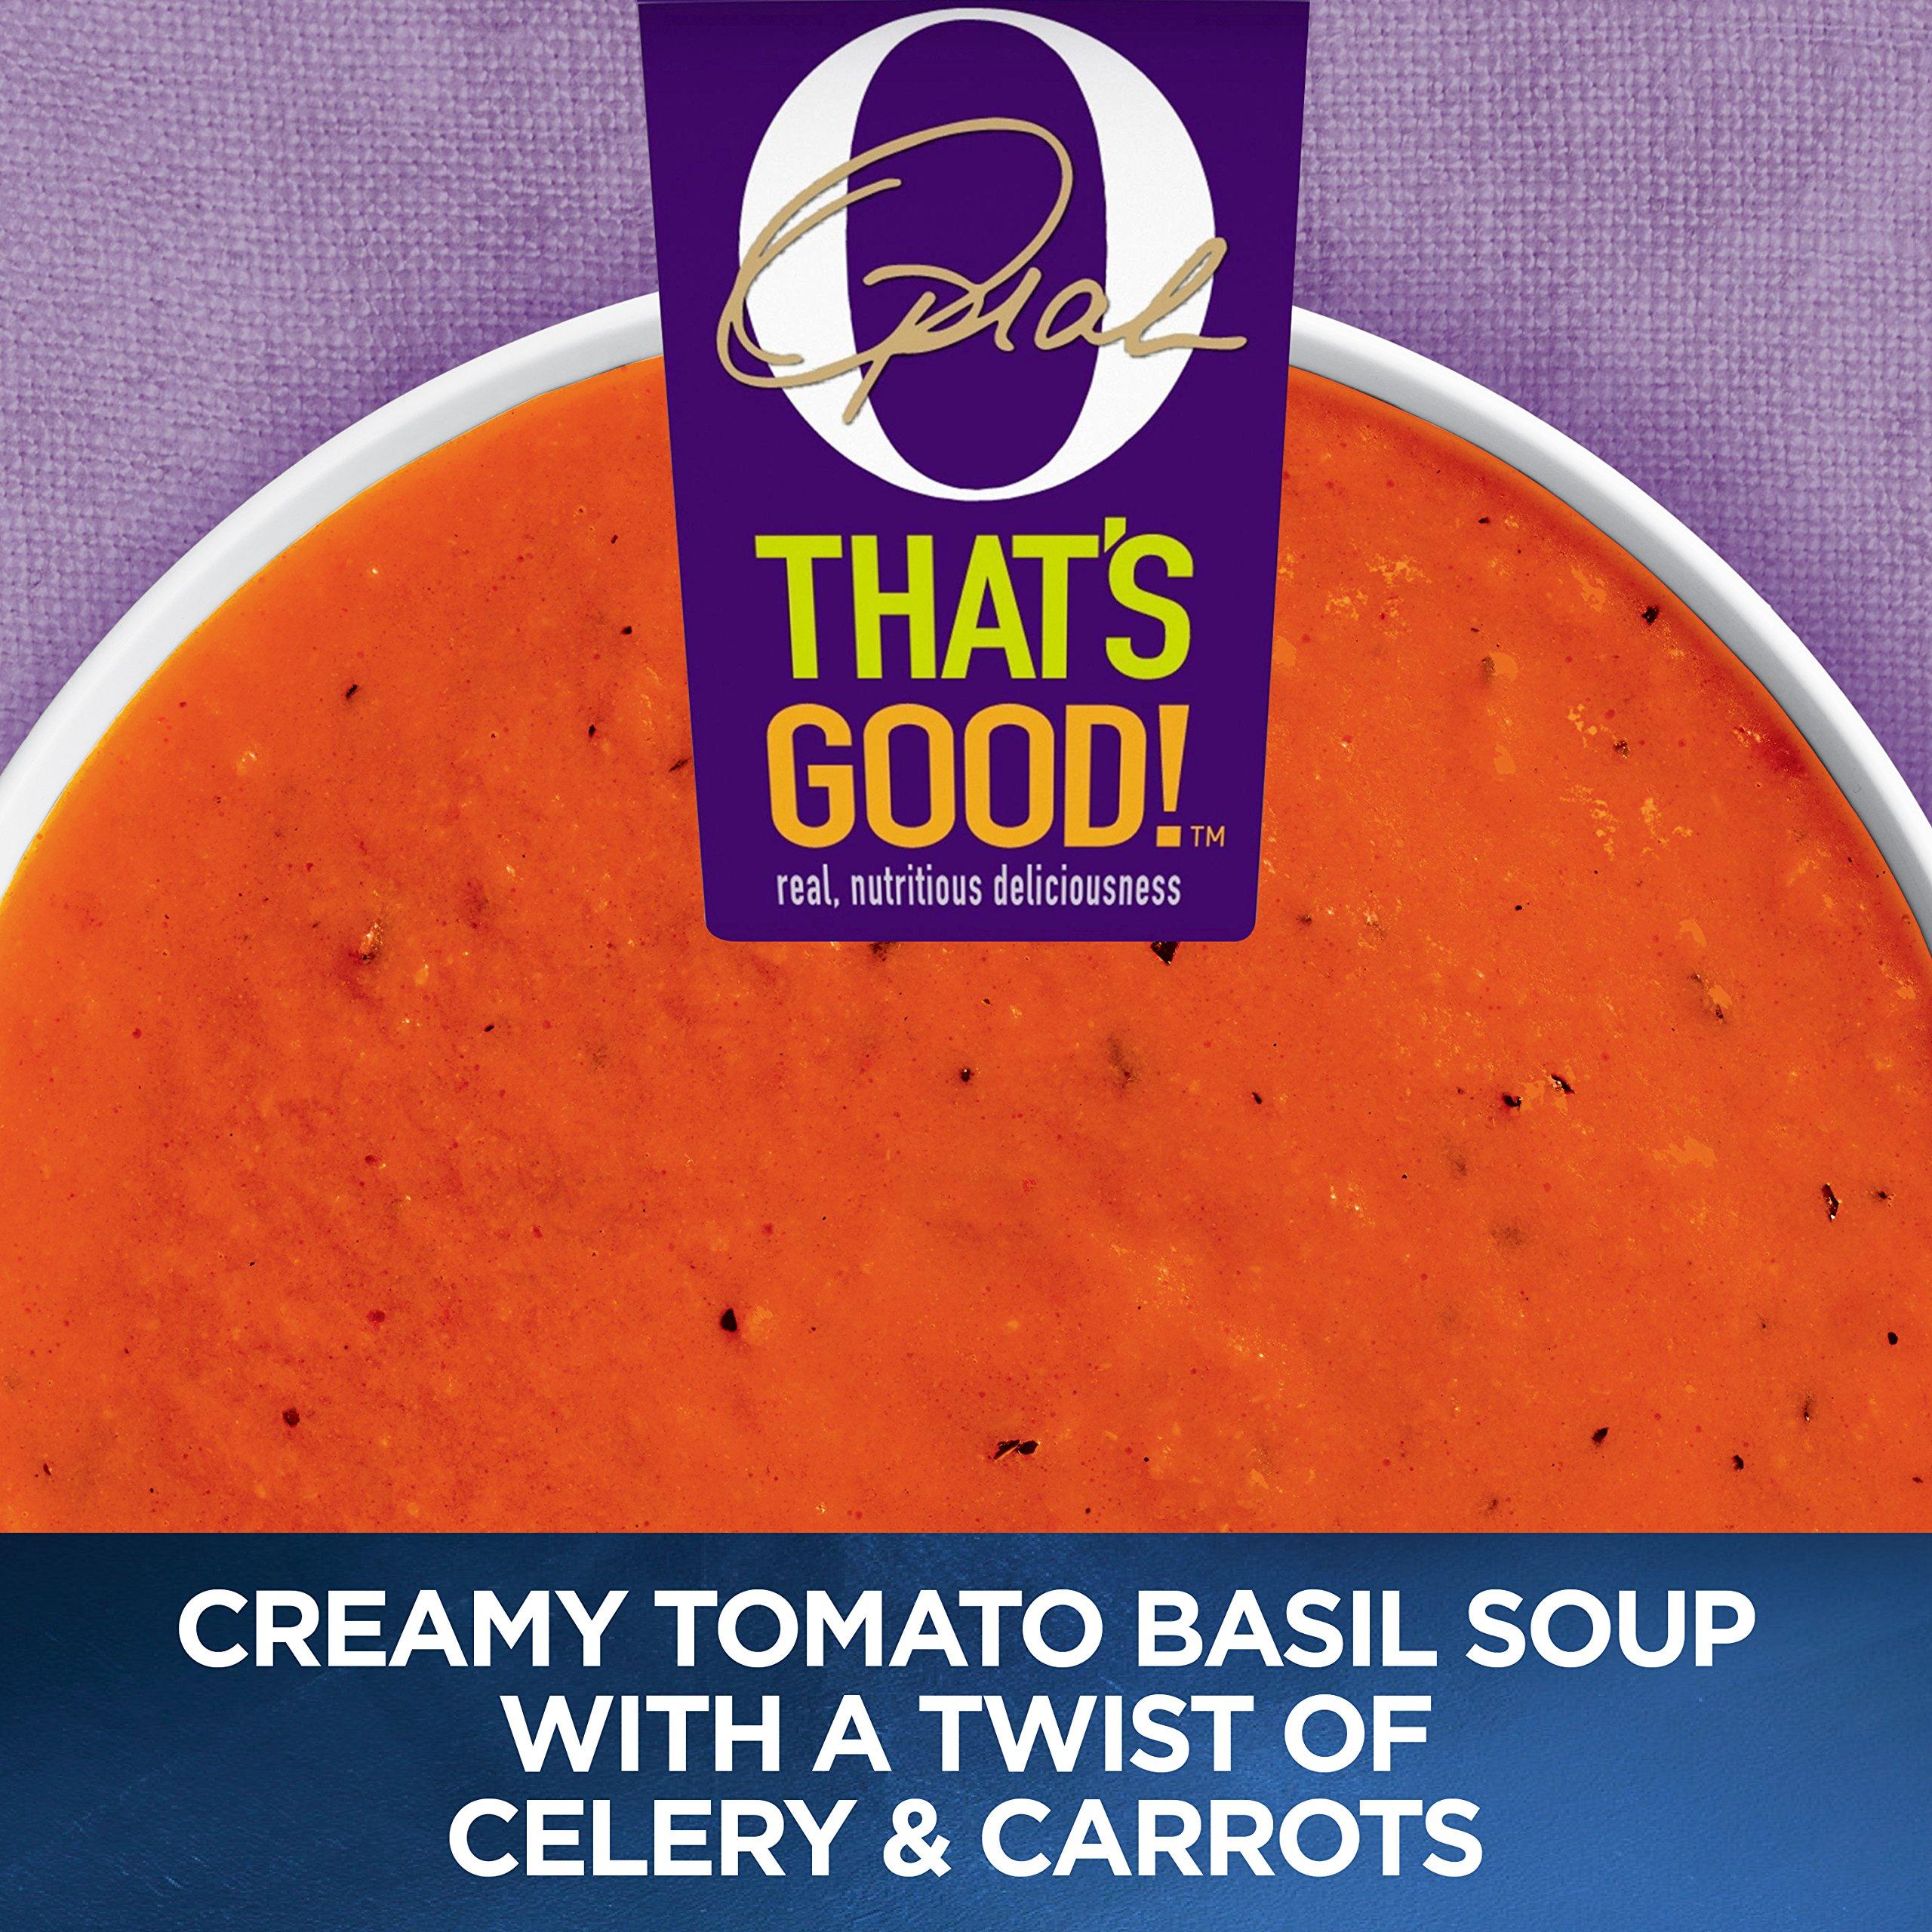 O, That's Good! Creamy Tomato Basil Soup Cup, 32 Oz